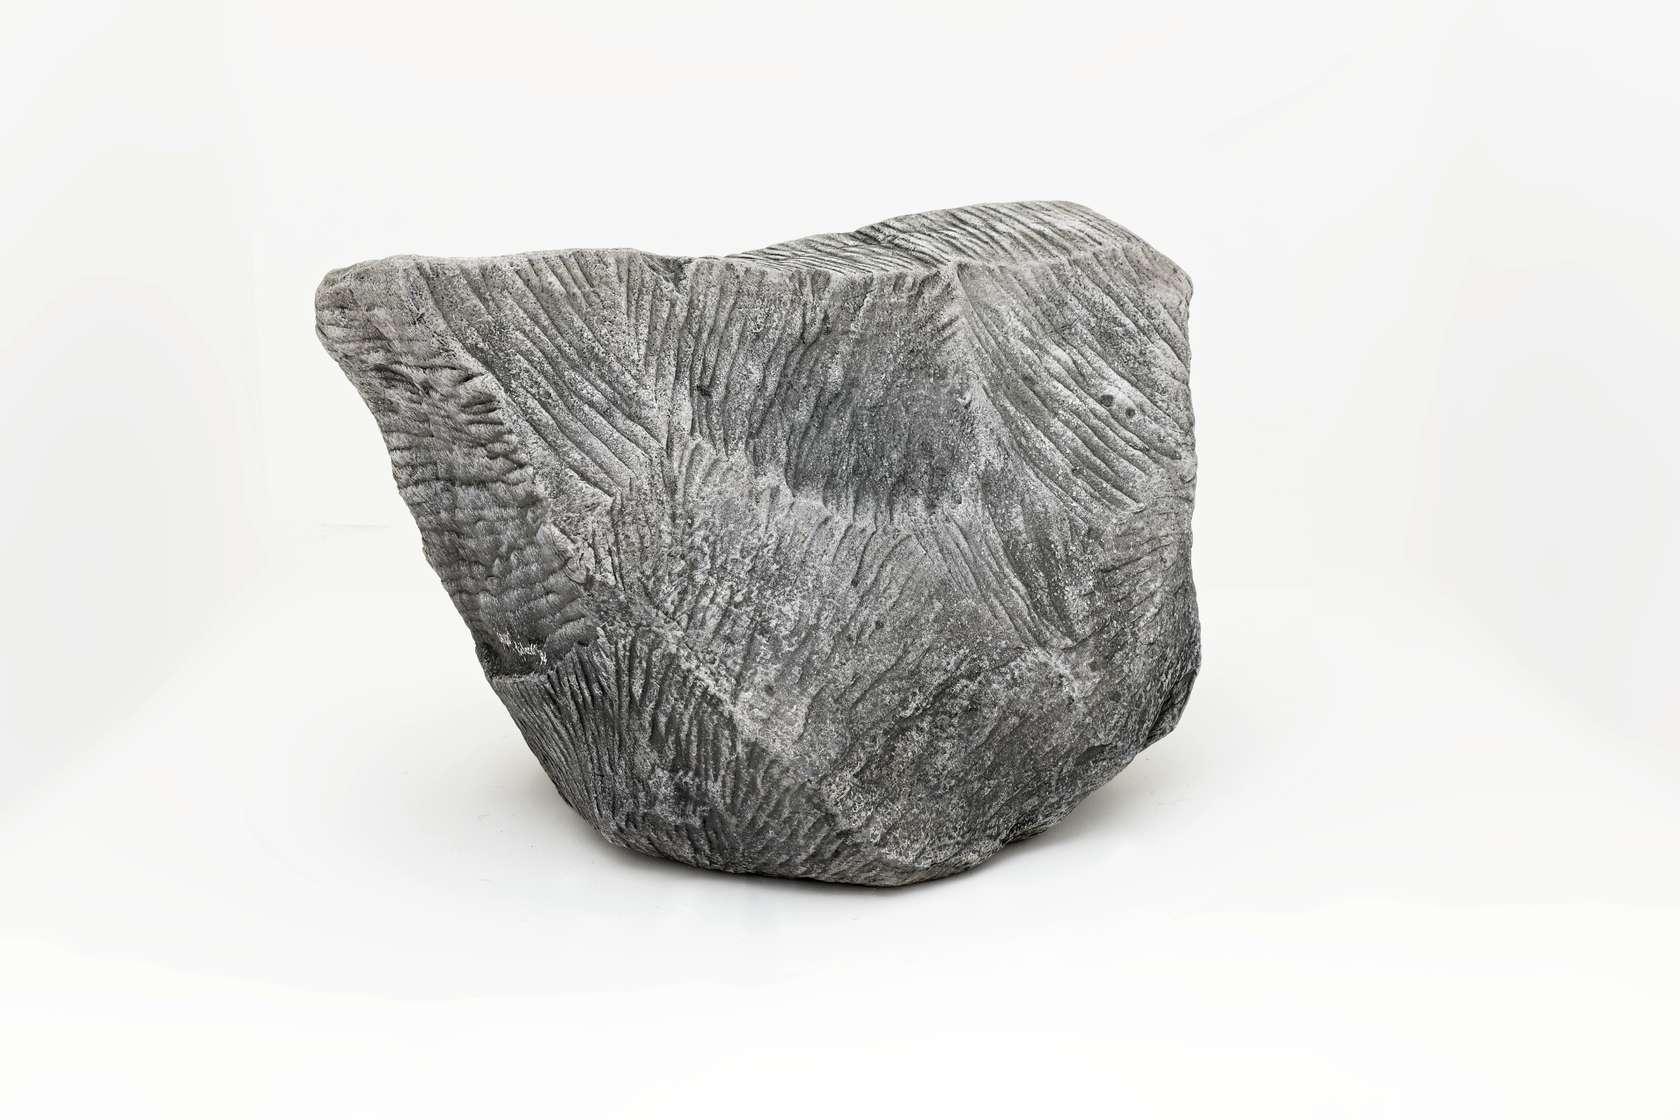 Piero Gilardi, Grigio, 1994 Mousse de polyuréthane et dispositif éléctronique sonore78 x 105 x 70 cm / 30 6/8 x 41 3/8 x 27 1/2 inches